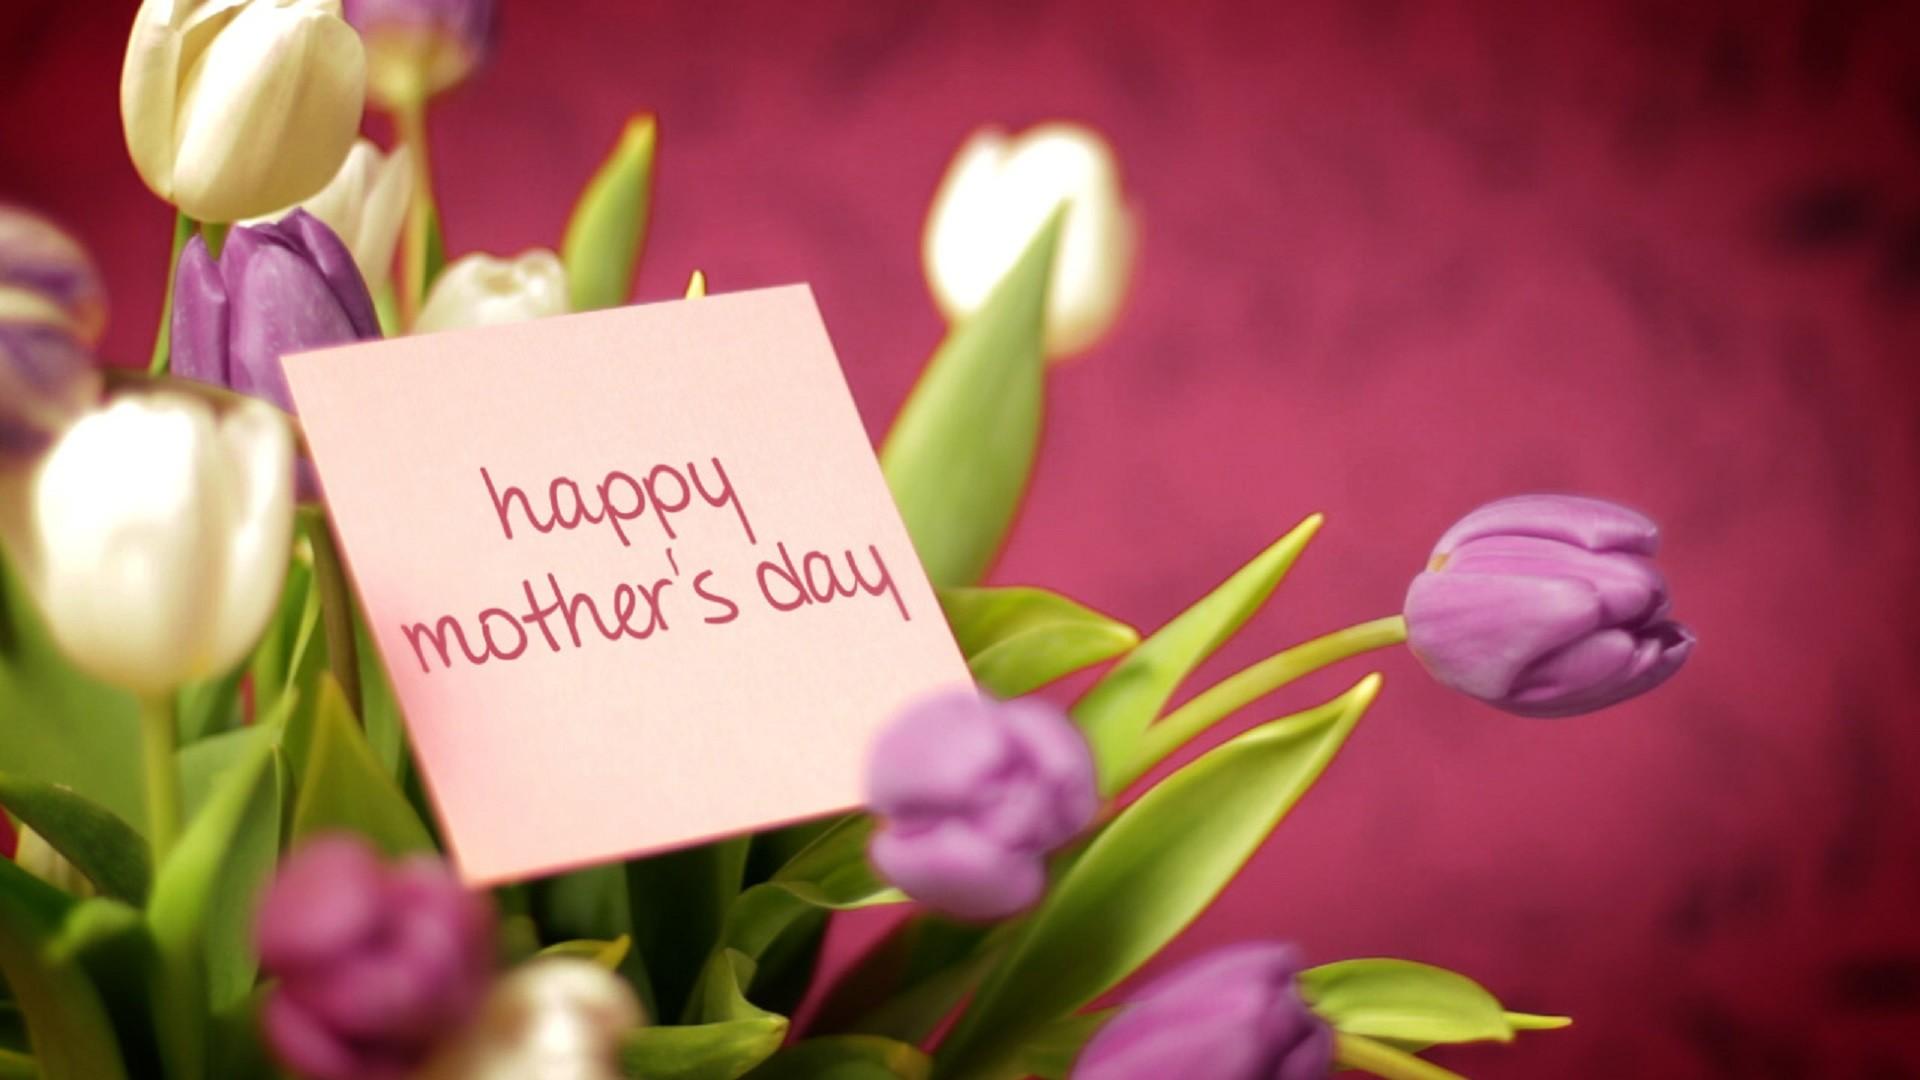 Красивые открытки с Днем мамы скачать бесплатно - Поздравления 35